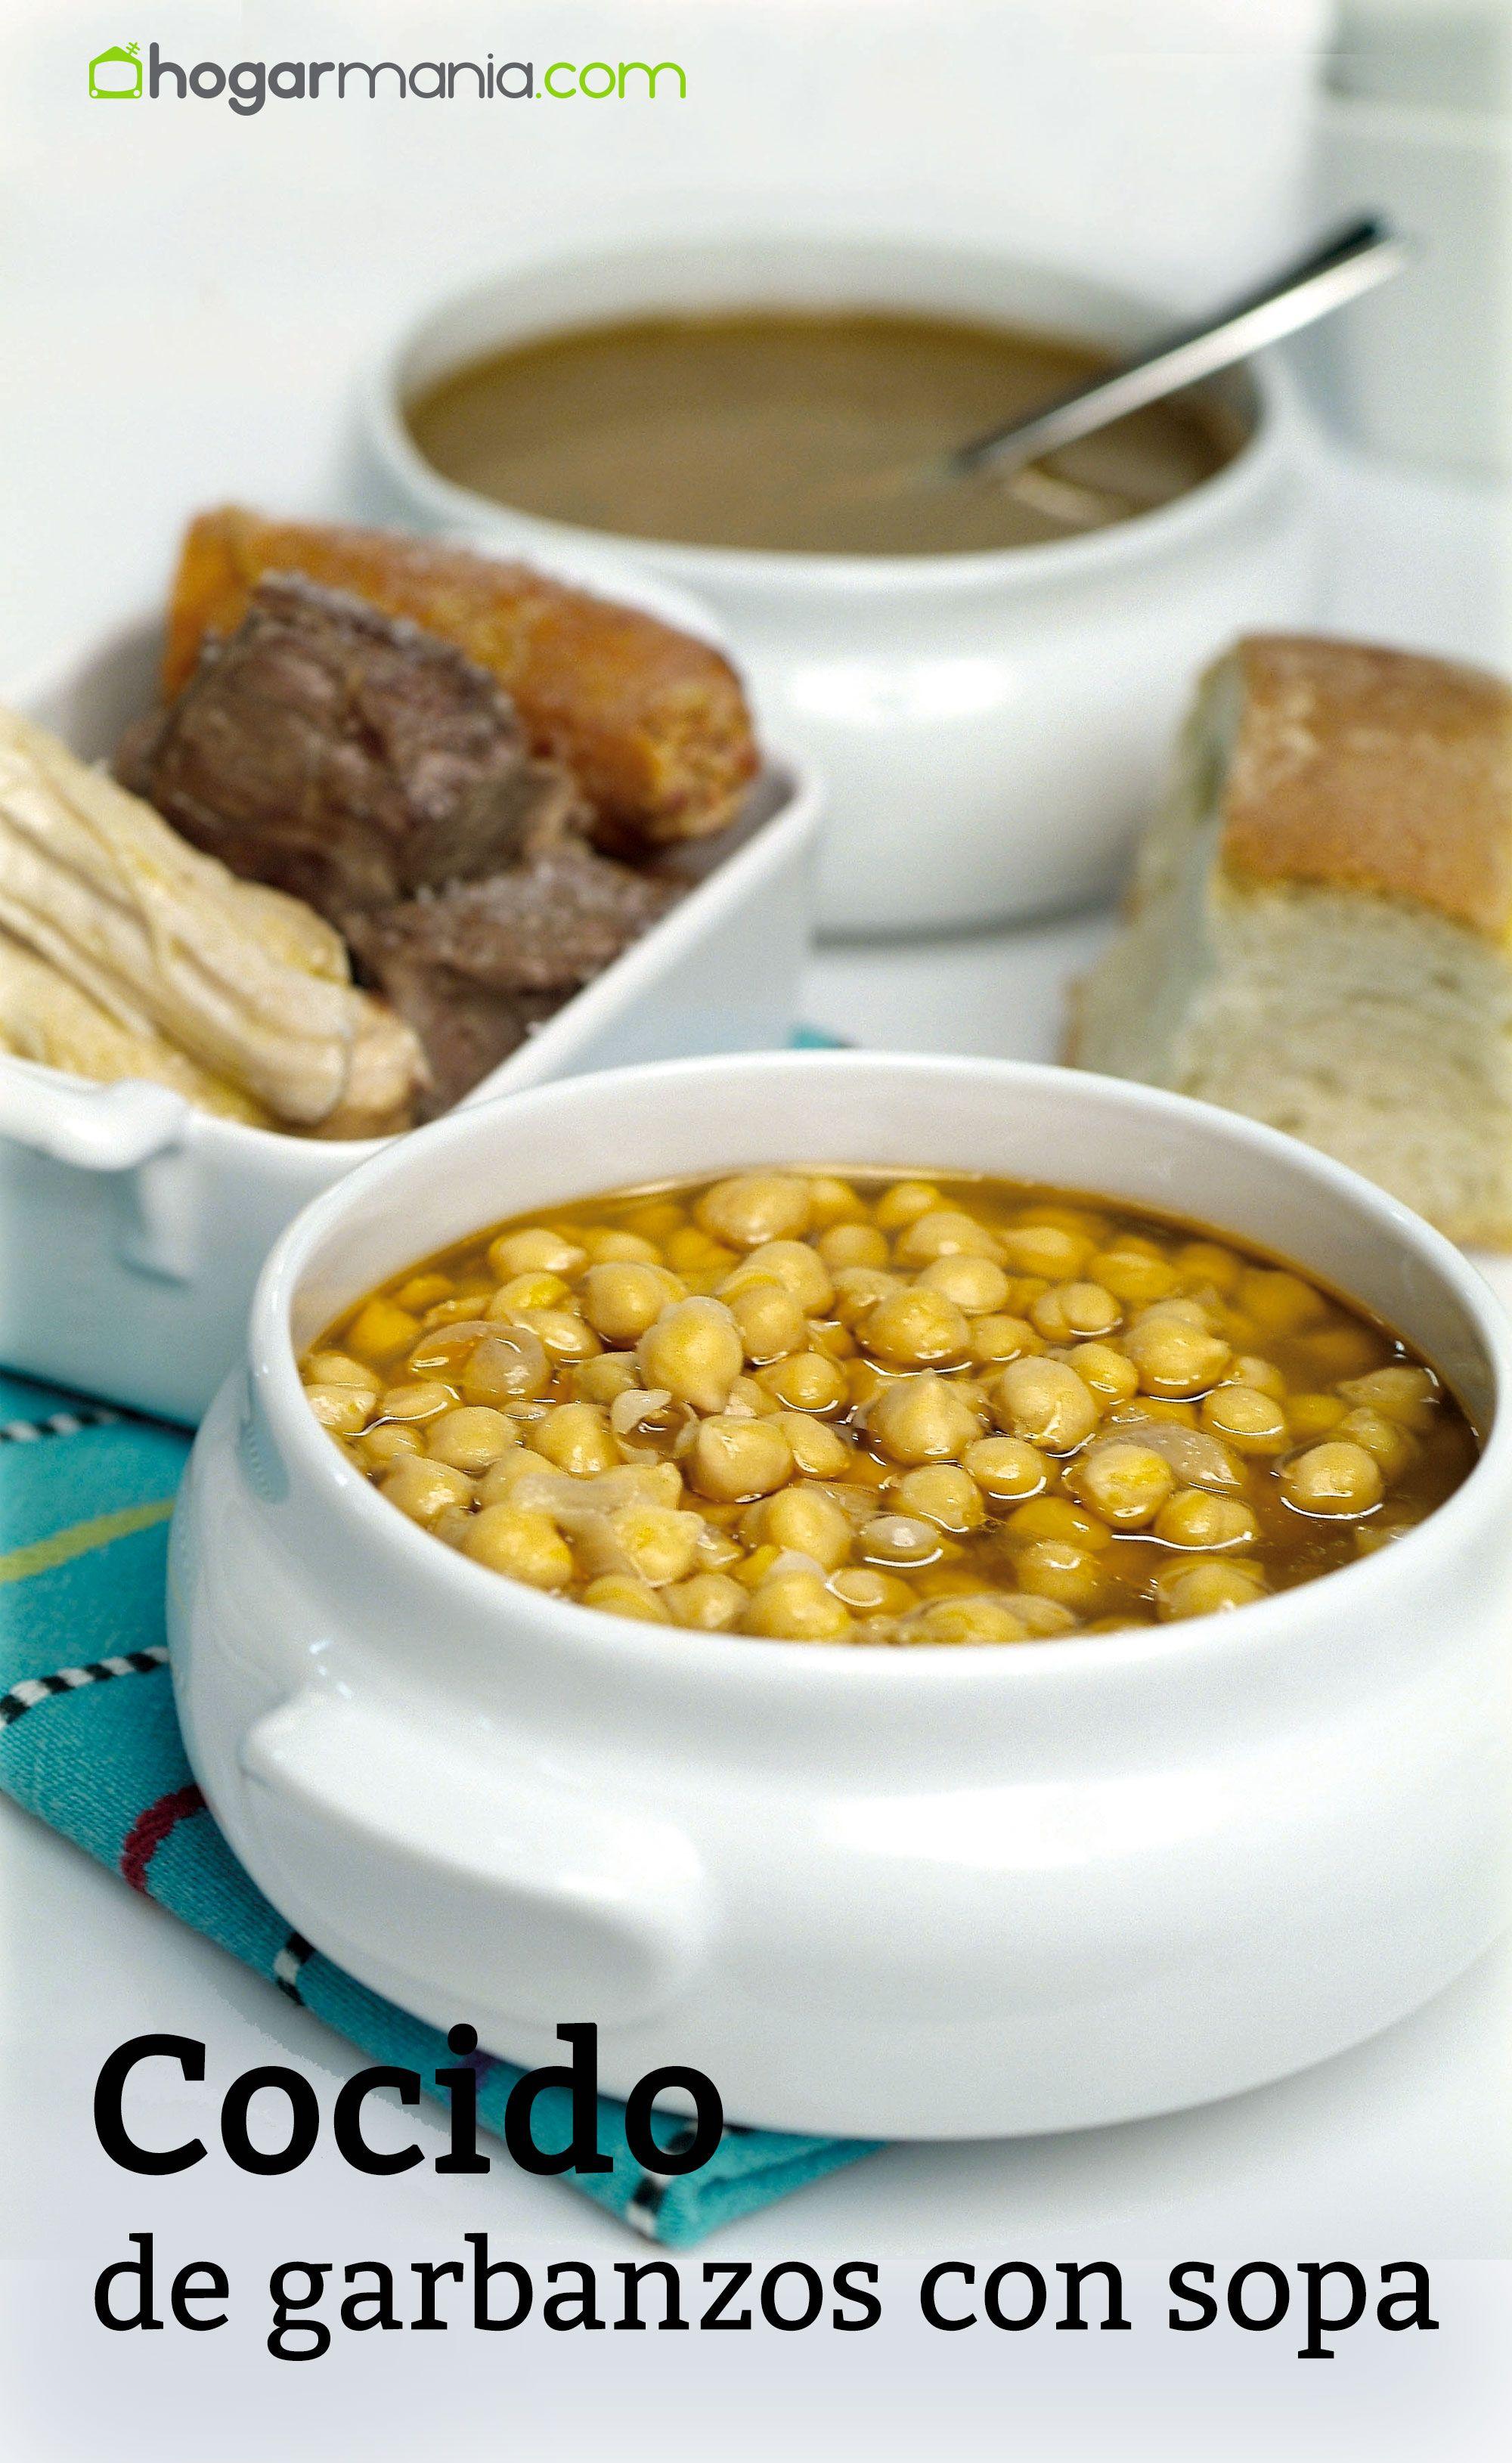 Cocido de garbanzos con sopa